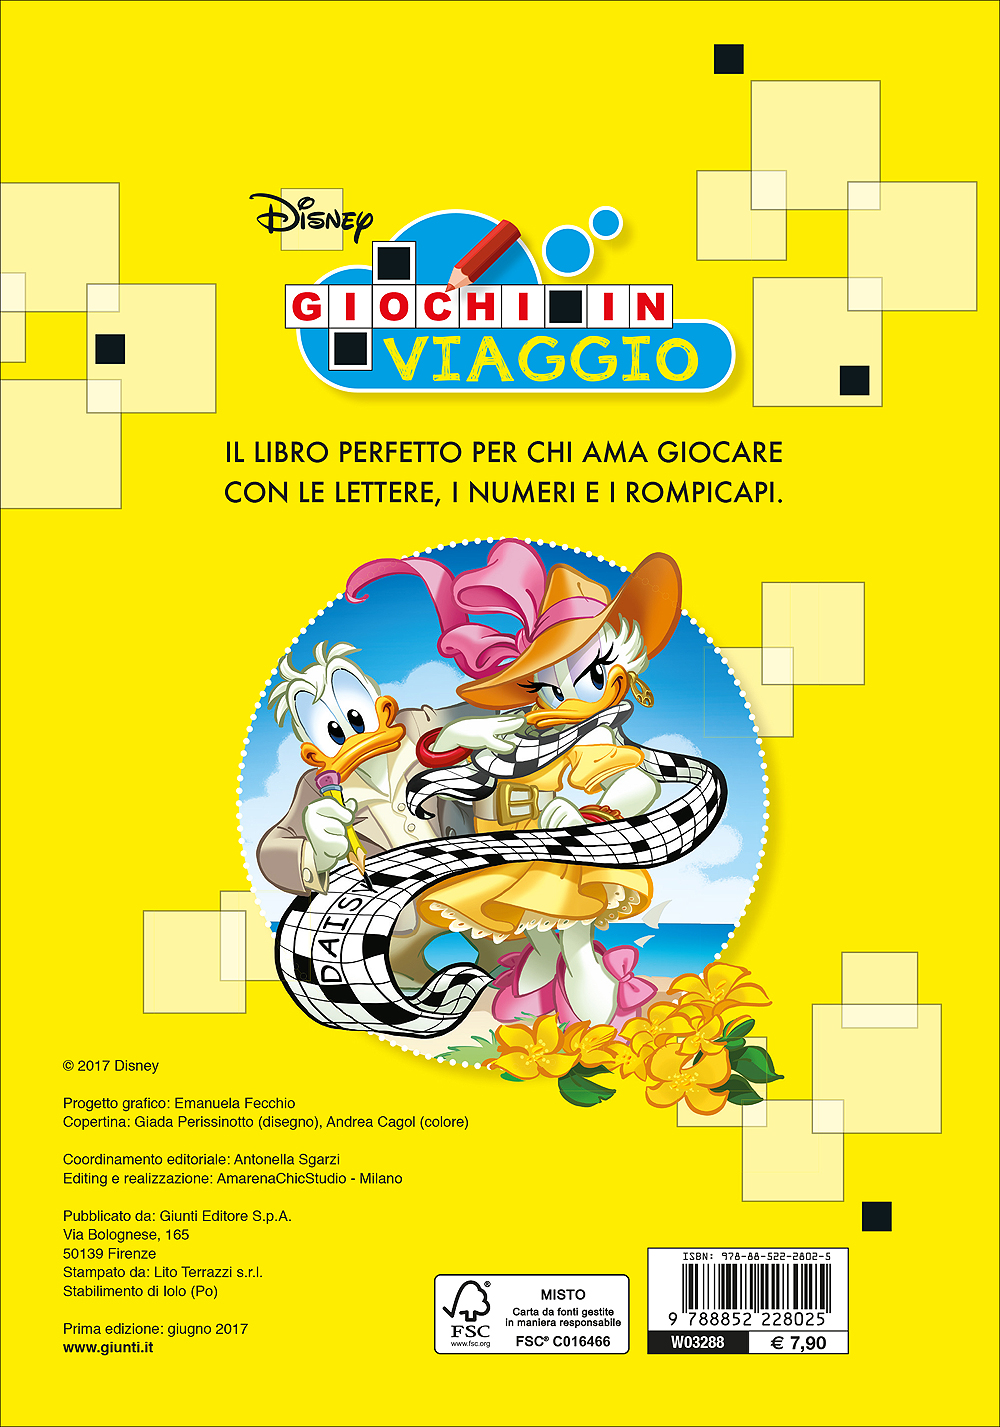 Il libro dei giochi - PaperEnigmistica. Giochi in viaggio